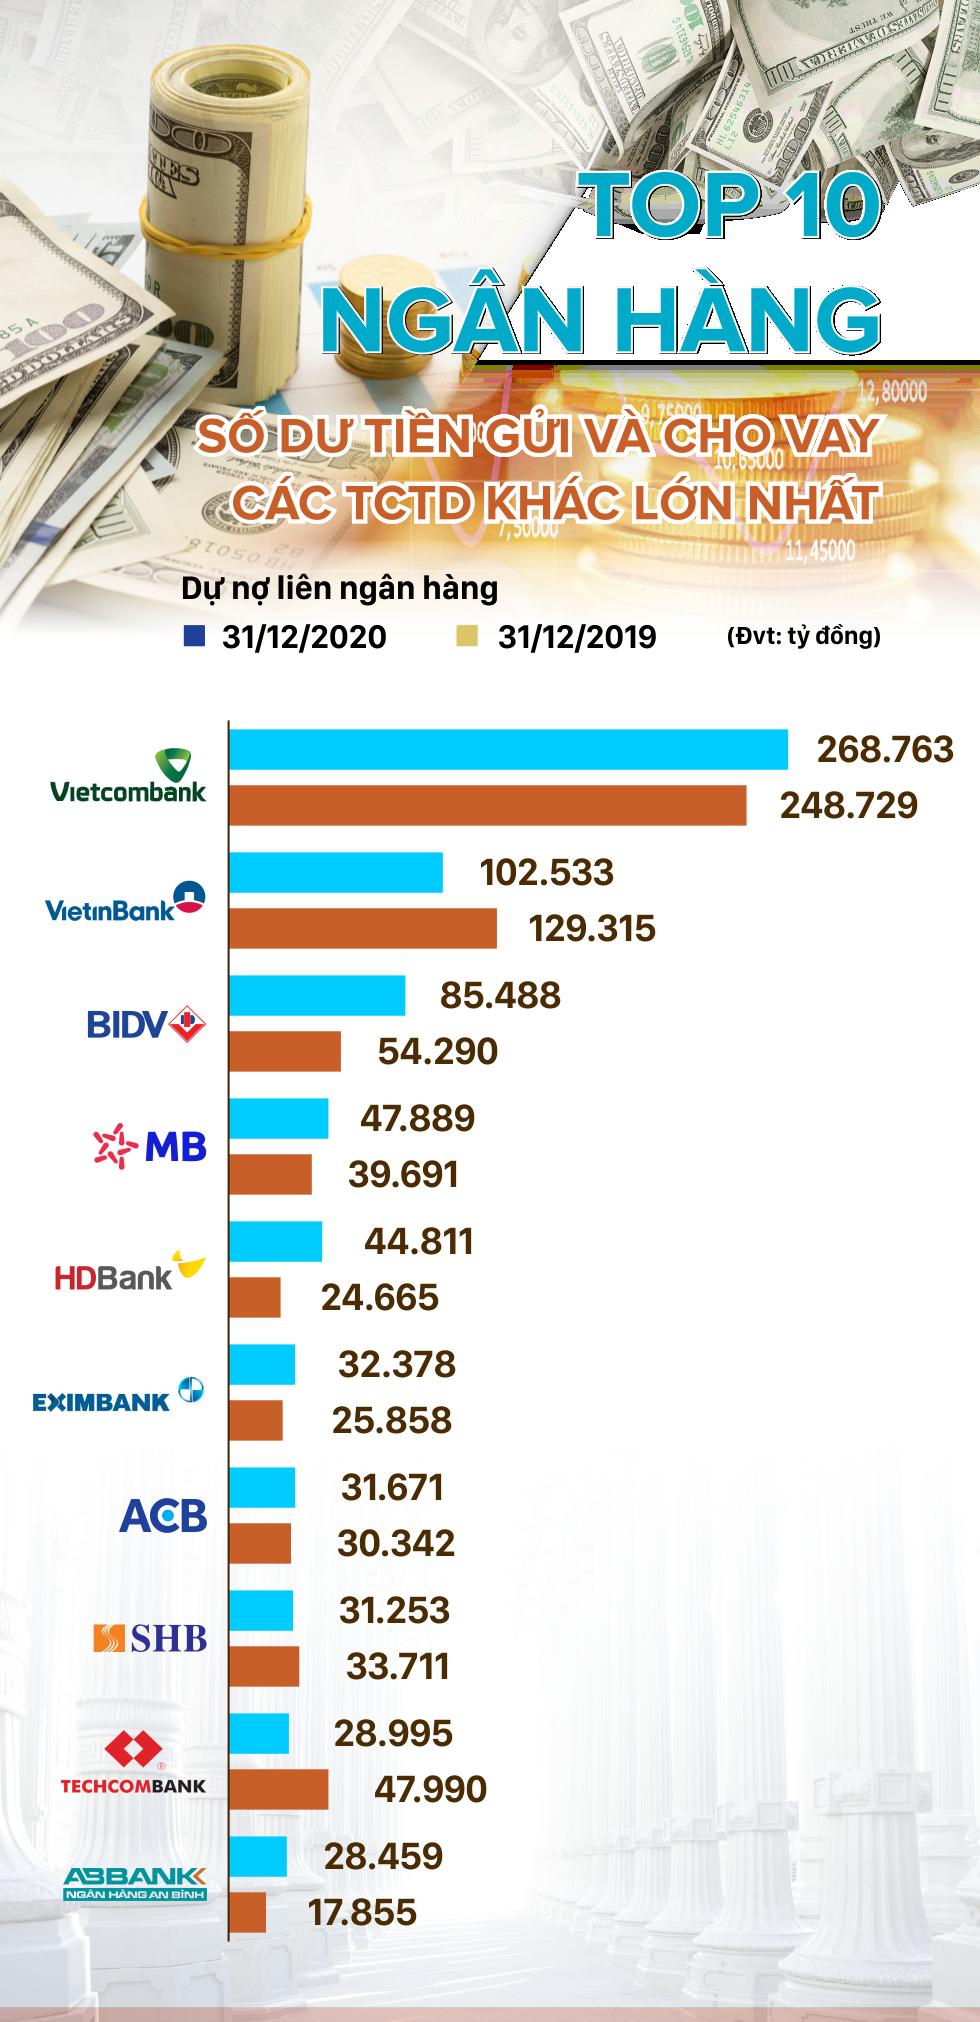 Nhà băng nào đang là chủ nợ lớn nhất trên thị trường liên ngân hàng? - Ảnh 1.